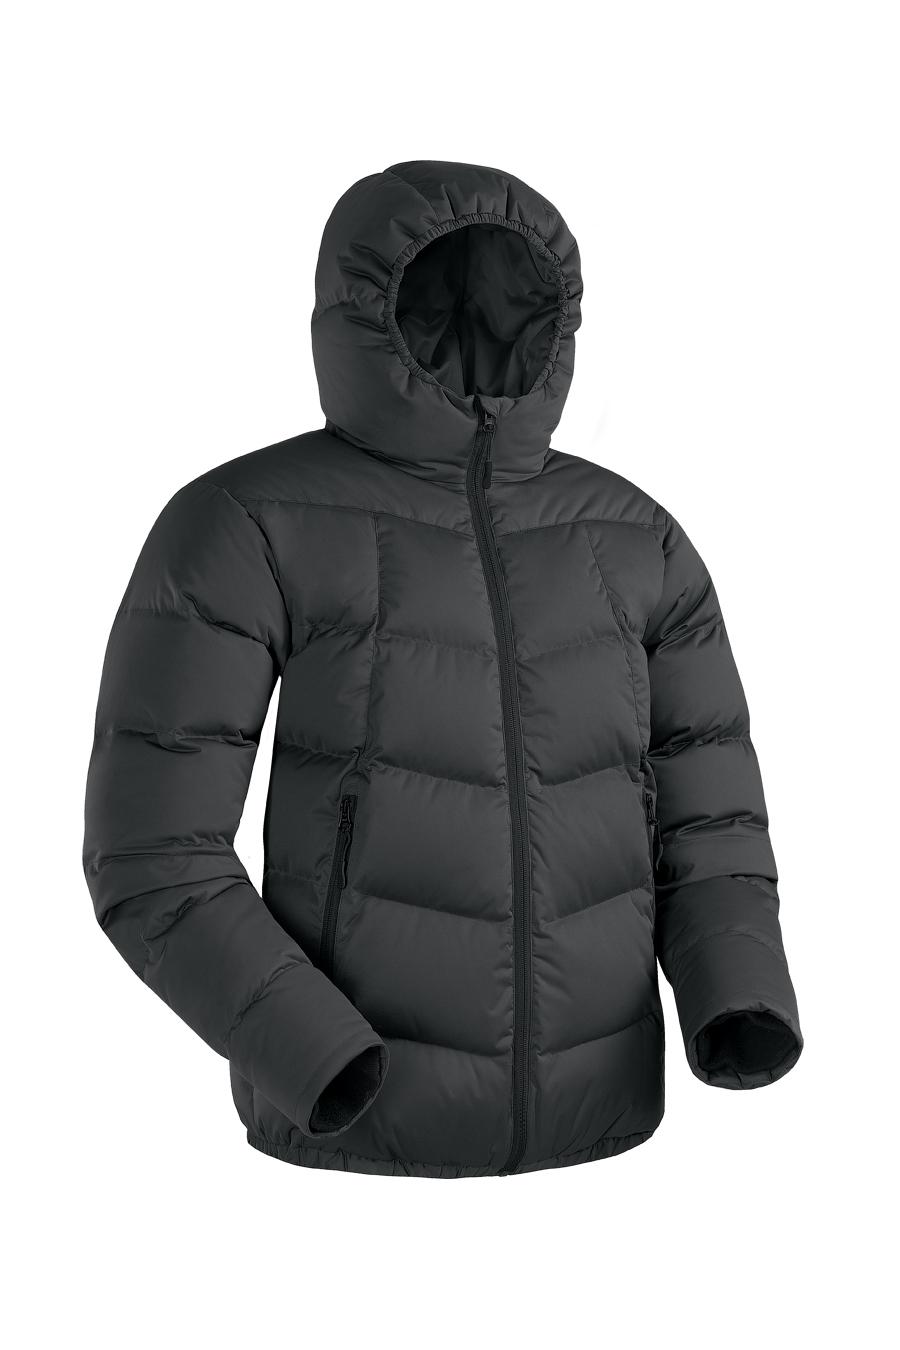 Пуховая куртка BASK BLIZZARD LUXE 5453Куртки<br><br><br>&quot;Дышащие&quot; свойства: Да<br>Верхняя ткань: Advance® Lux<br>Вес граммы: 1000<br>Вес утеплителя: 270<br>Ветро-влагозащитные свойства верхней ткани: Да<br>Ветрозащитная планка: Да<br>Ветрозащитная юбка: Нет<br>Влагозащитные молнии: Нет<br>Внутренние манжеты: Да<br>Внутренняя ткань: Advance® Classic<br>Водонепроницаемость: 10000<br>Дублирующий центральную молнию клапан: Нет<br>Защитный козырёк капюшона: Нет<br>Капюшон: Несъемный<br>Карман для средств связи: Нет<br>Количество внешних карманов: 2<br>Количество внутренних карманов: 2<br>Коллекция: BASK CITY<br>Мембрана: Да<br>Объемный крой локтевой зоны: Нет<br>Отстёгивающиеся рукава: Нет<br>Паропроницаемость: 20000<br>Показатель Fill Power (для пуховых изделий): 700<br>Пол: Мужской<br>Проклейка швов: Нет<br>Регулировка манжетов рукавов: Нет<br>Регулировка низа: Нет<br>Регулировка объёма капюшона: Нет<br>Регулировка талии: Нет<br>Регулируемые вентиляционные отверстия: Нет<br>Световозвращающая лента: Нет<br>Температурный режим: -15<br>Технология Thermal Welding: Нет<br>Технология швов: Простые<br>Тип молнии: Однозамковая<br>Тип утеплителя: Натуральный<br>Ткань усиления: Нет<br>Усиление контактных зон: Нет<br>Утеплитель: Гусиный пух<br>Размер RU: 56<br>Цвет: КРАСНЫЙ